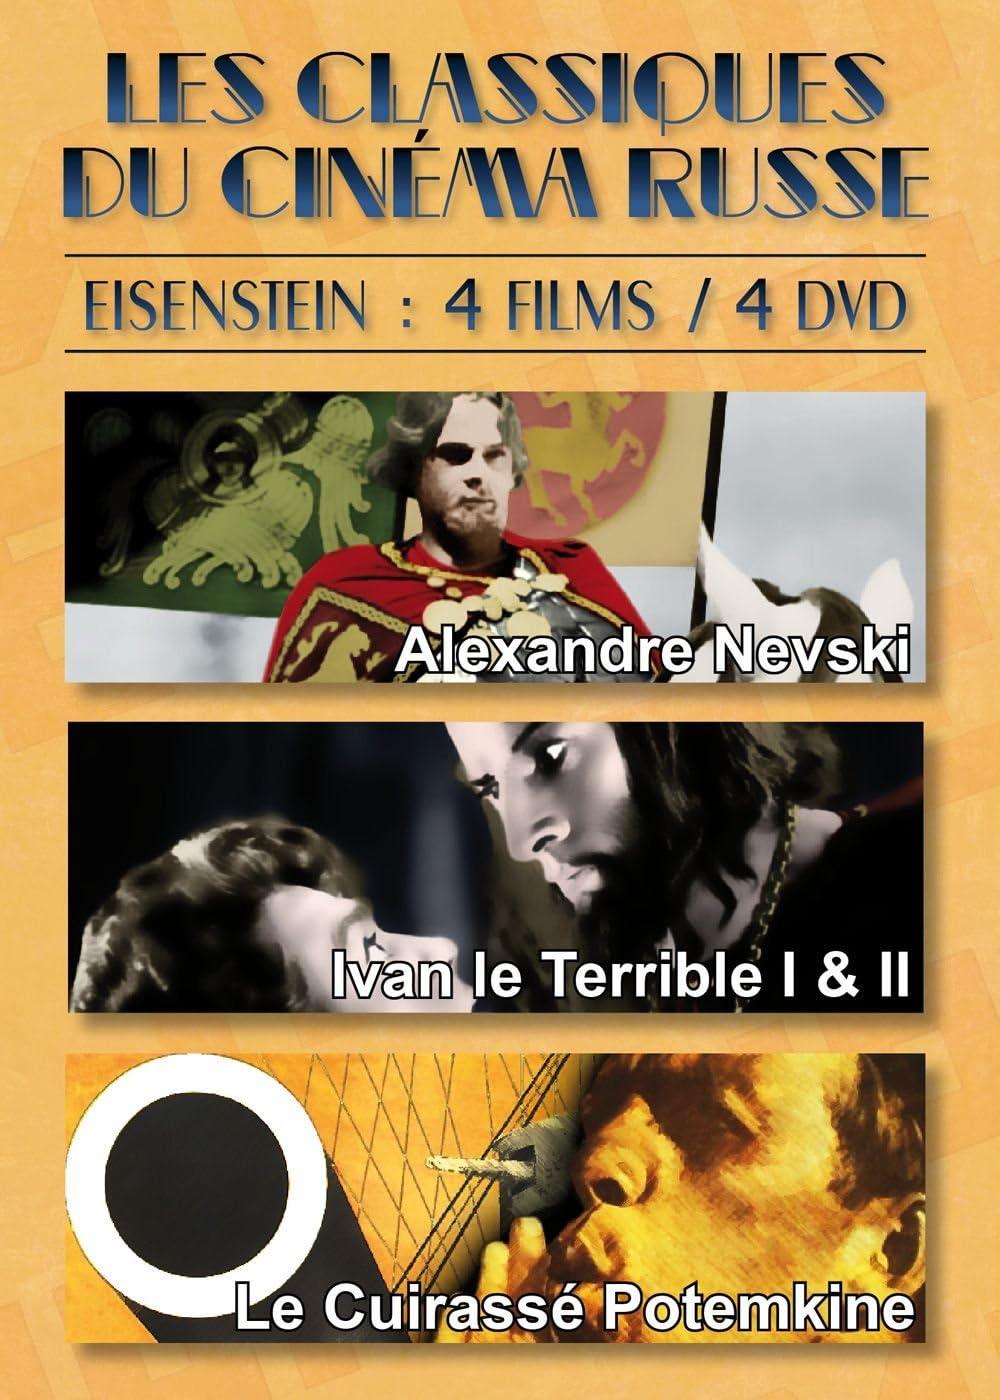 ALEXANDRE FILM GRATUITEMENT NEVSKI TÉLÉCHARGER